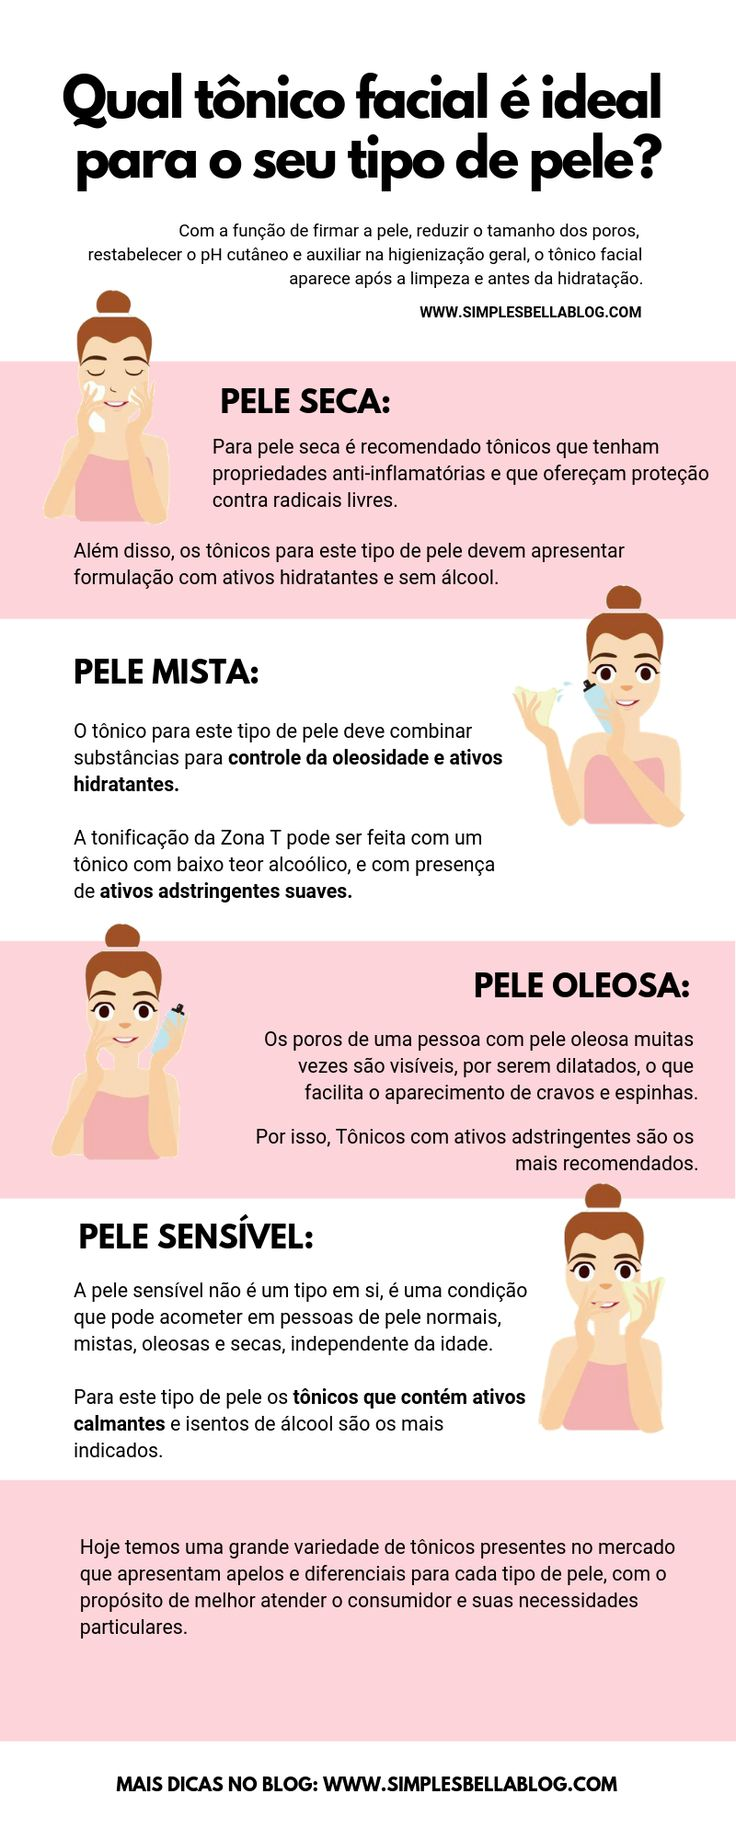 O tônico facial ideal para cada tipo de pele